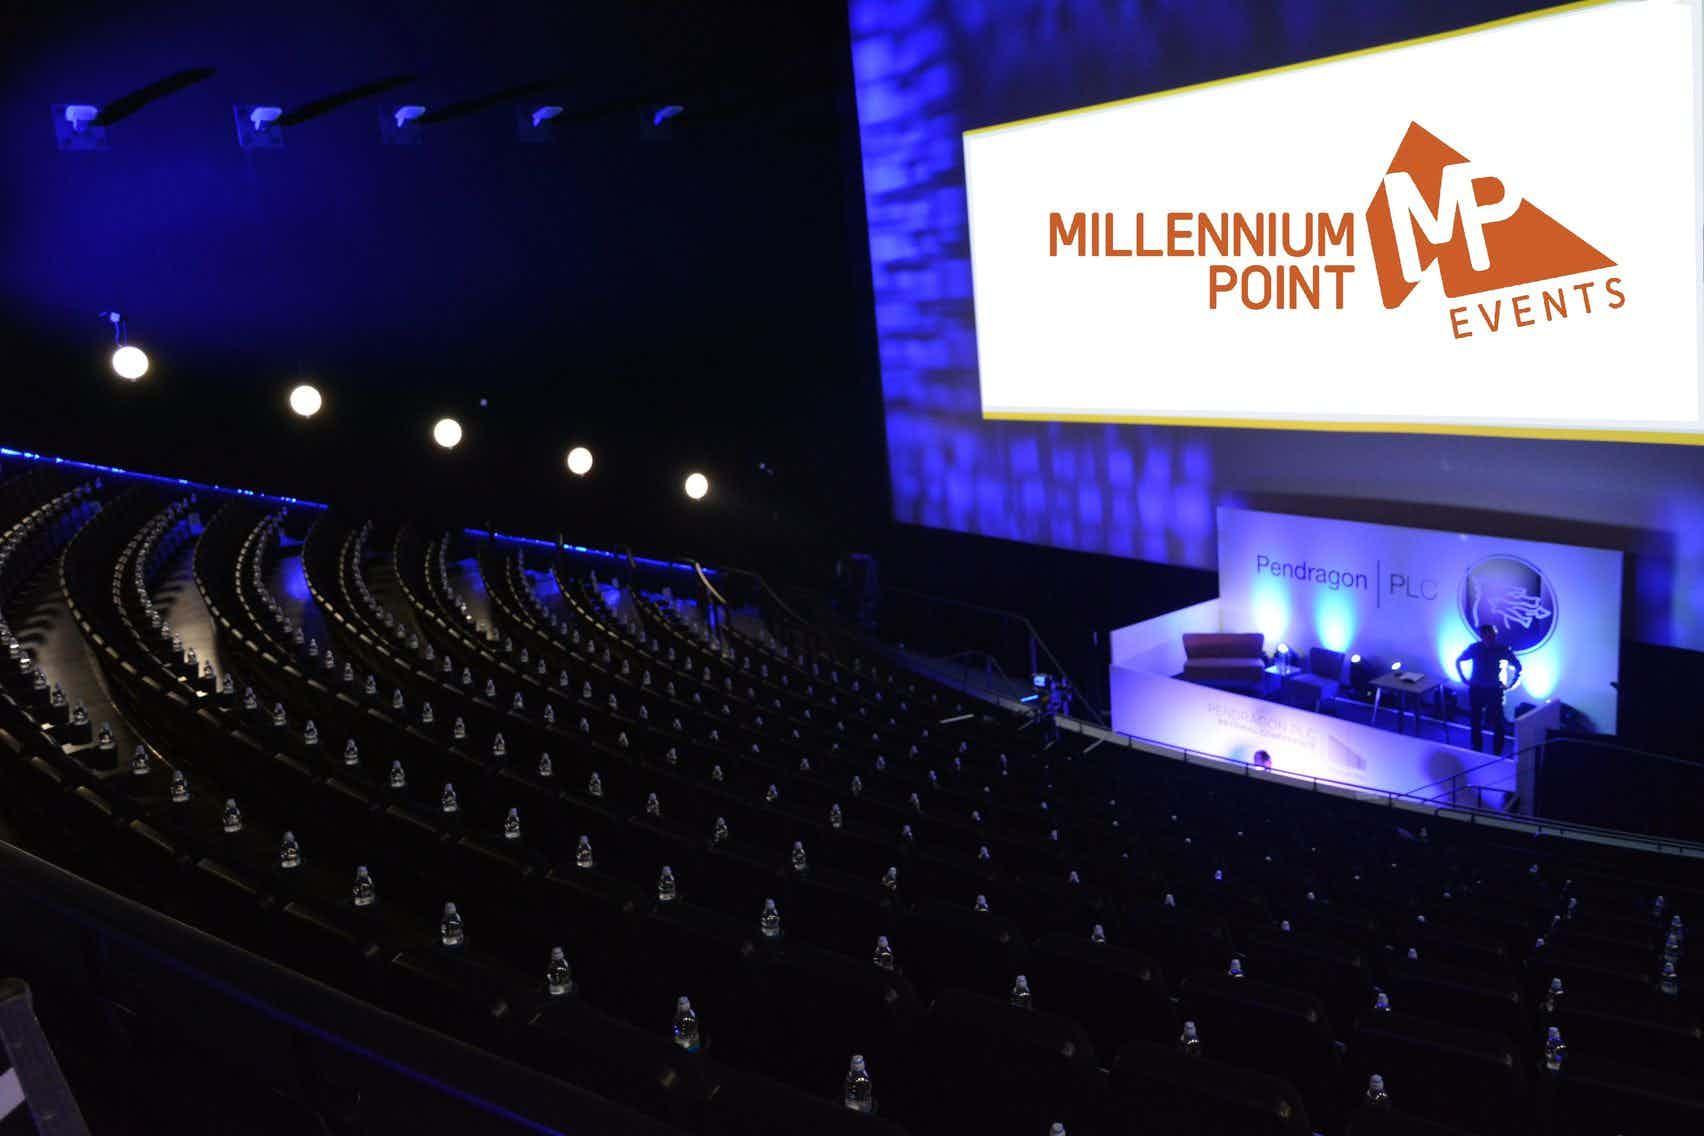 Auditorium, Millennium Point